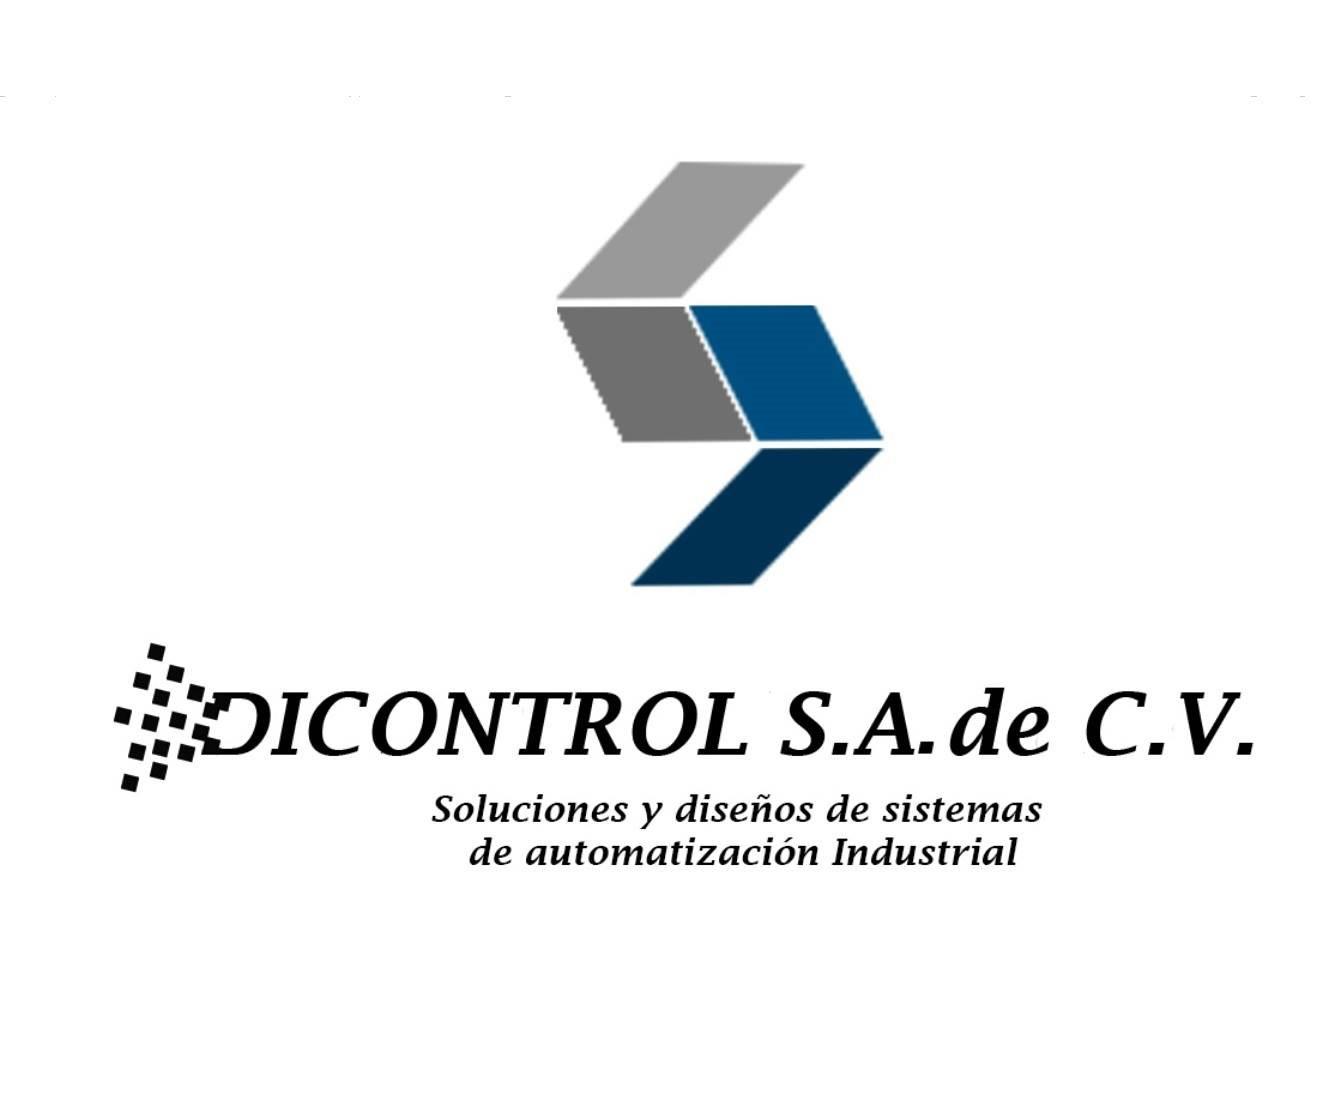 DICONTROL S.A. de C.V.